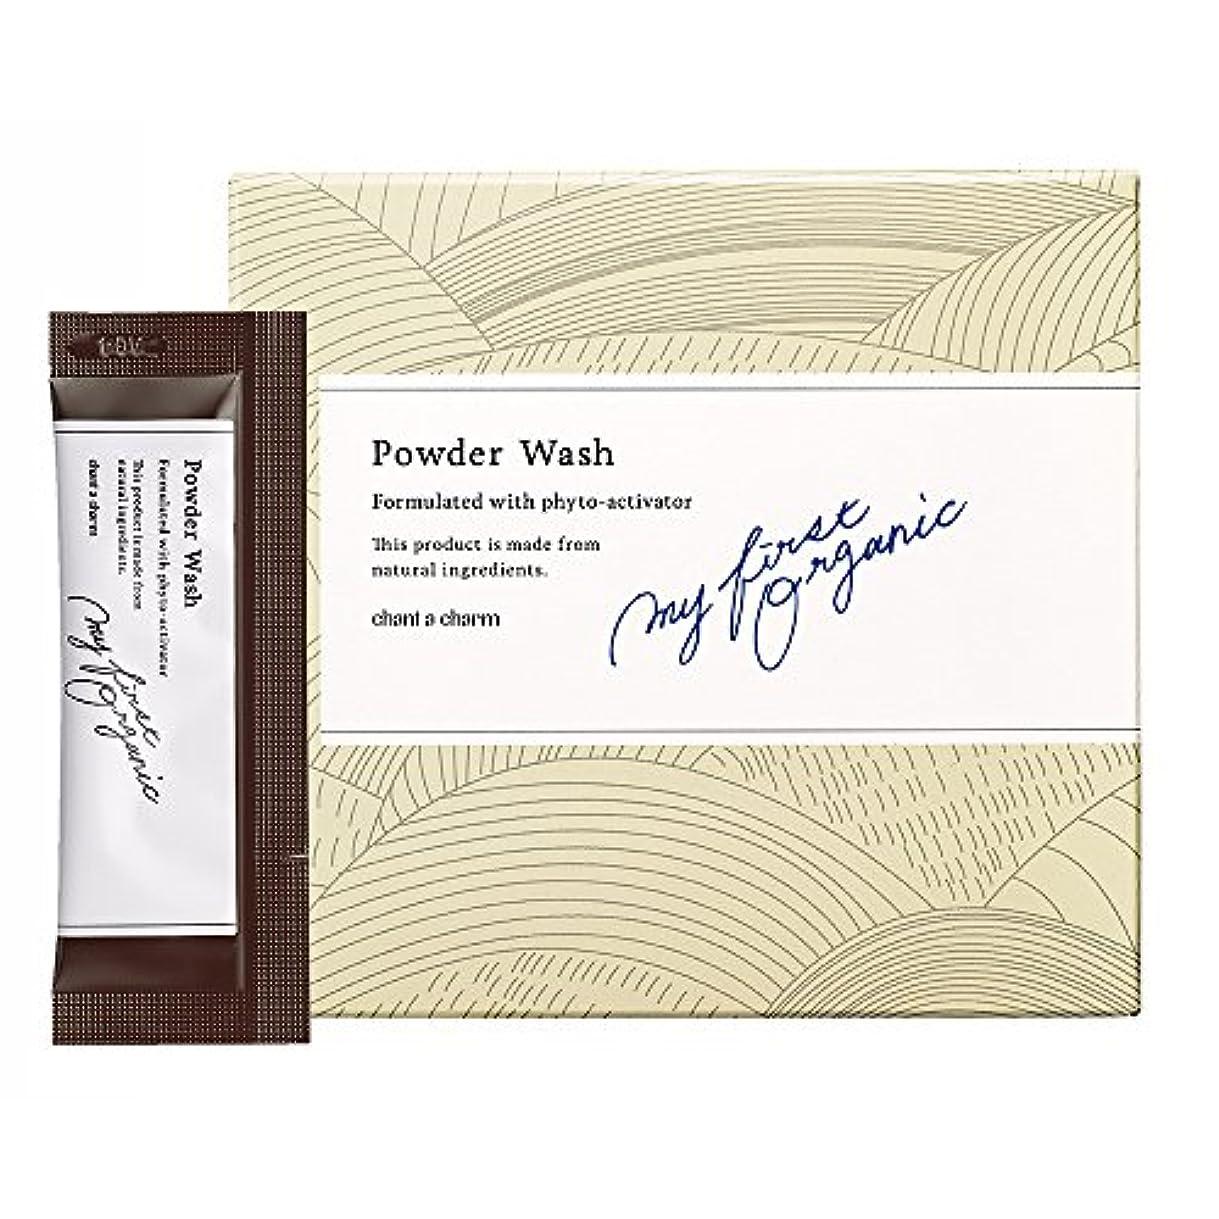 アシスト東サイドボードチャントアチャーム パウダーウォッシュ ニキビ肌用酵素洗顔 医薬部外品